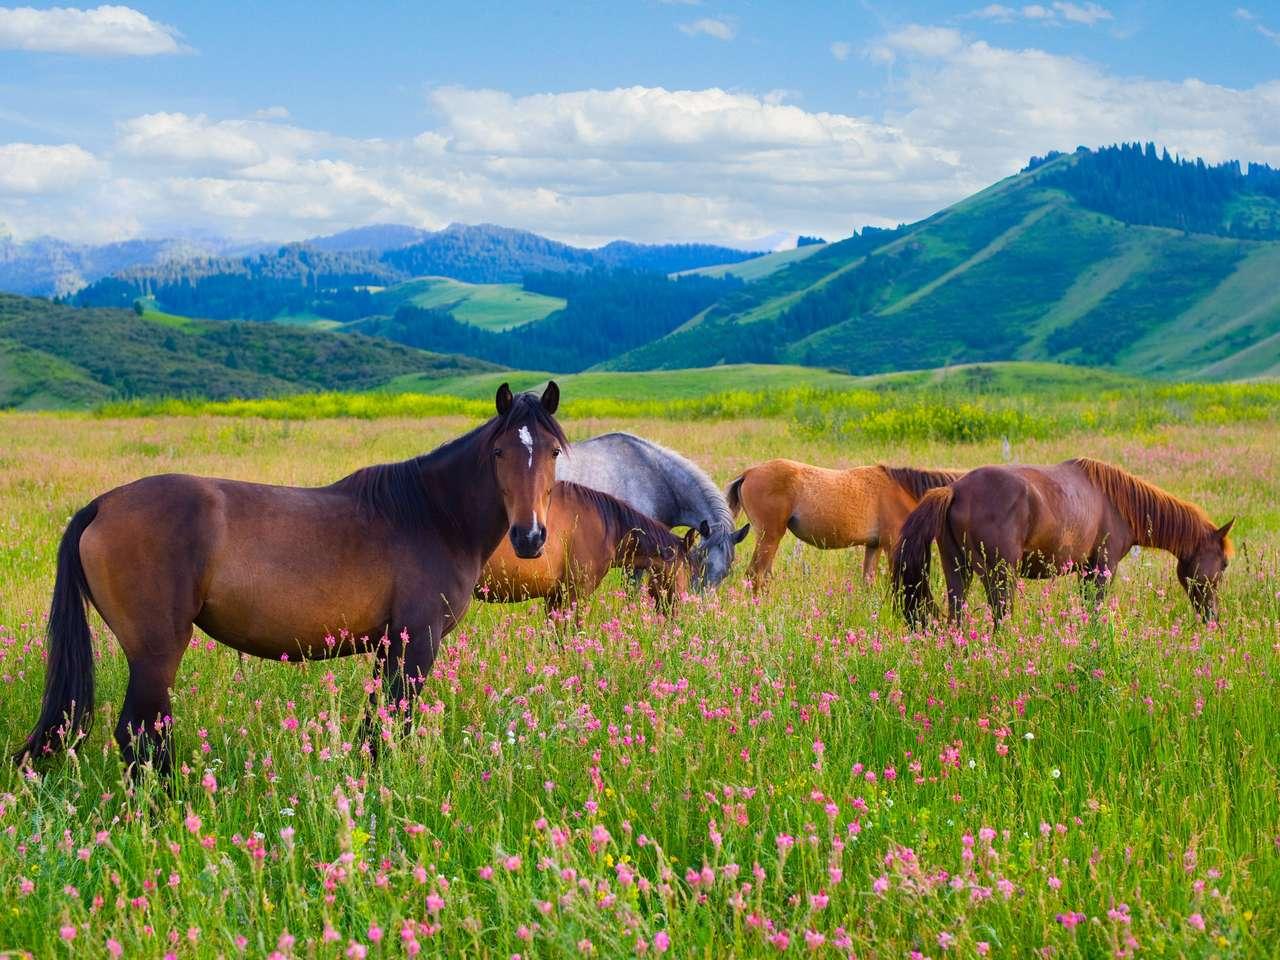 La manada de caballos está pastada en un prado verde de verano.